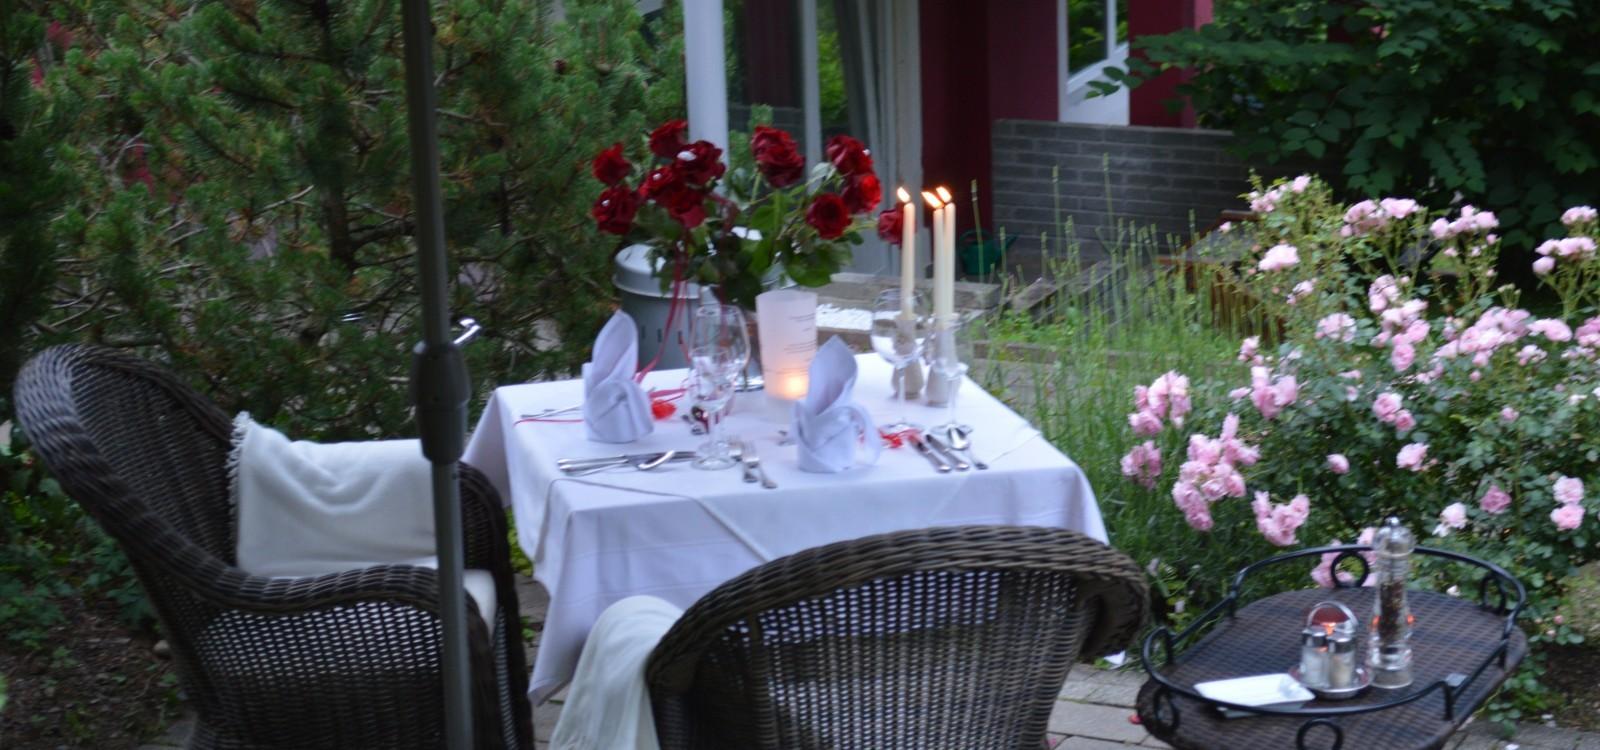 Gartenromantik - Landidyllhotel Nudelbacher